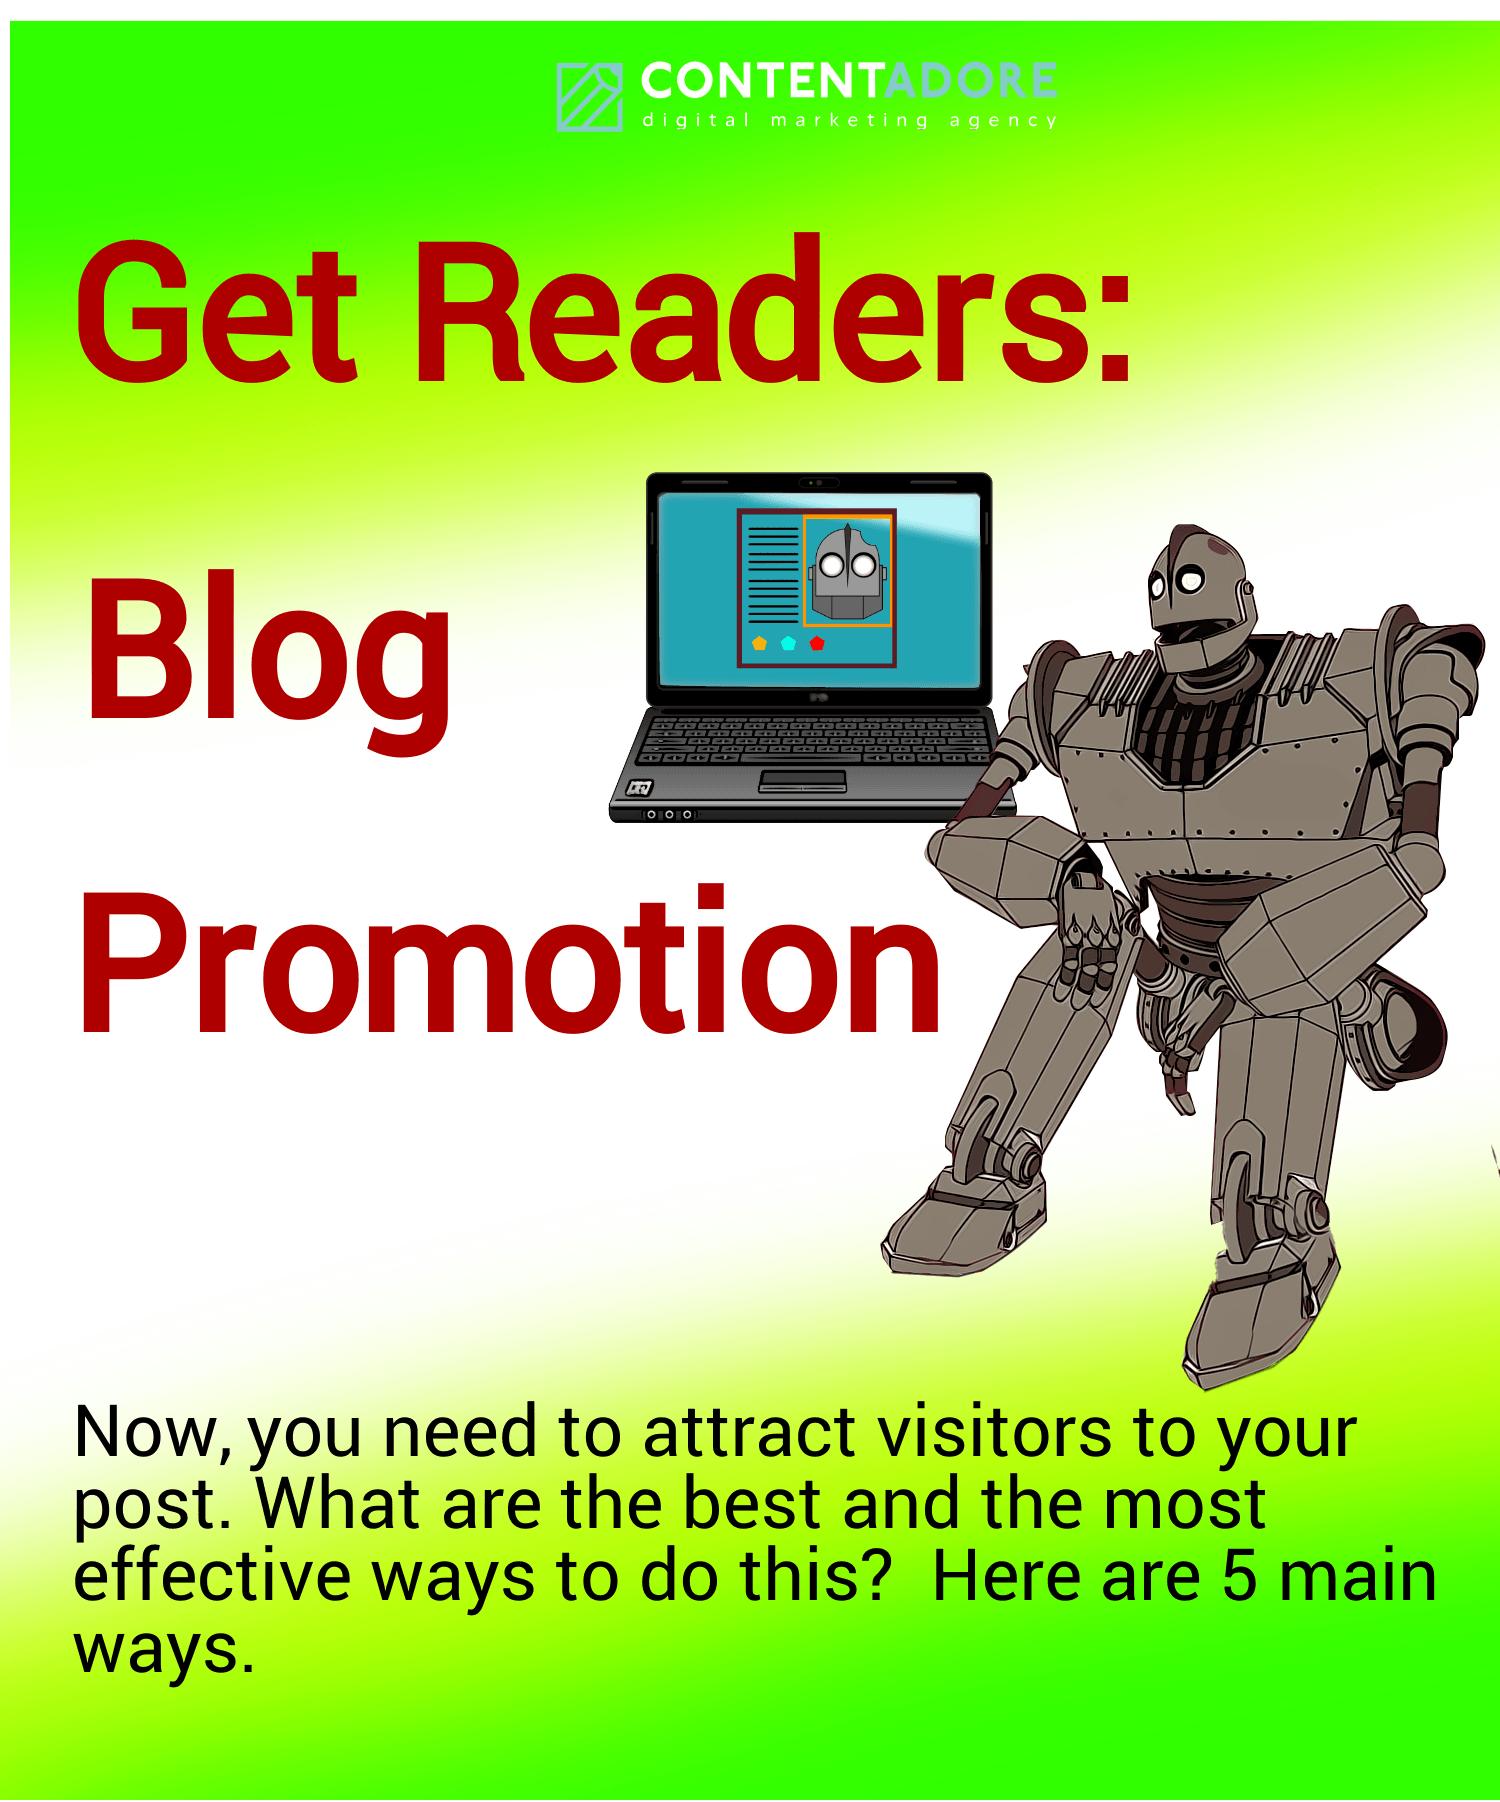 Get Readers Blog Promotion